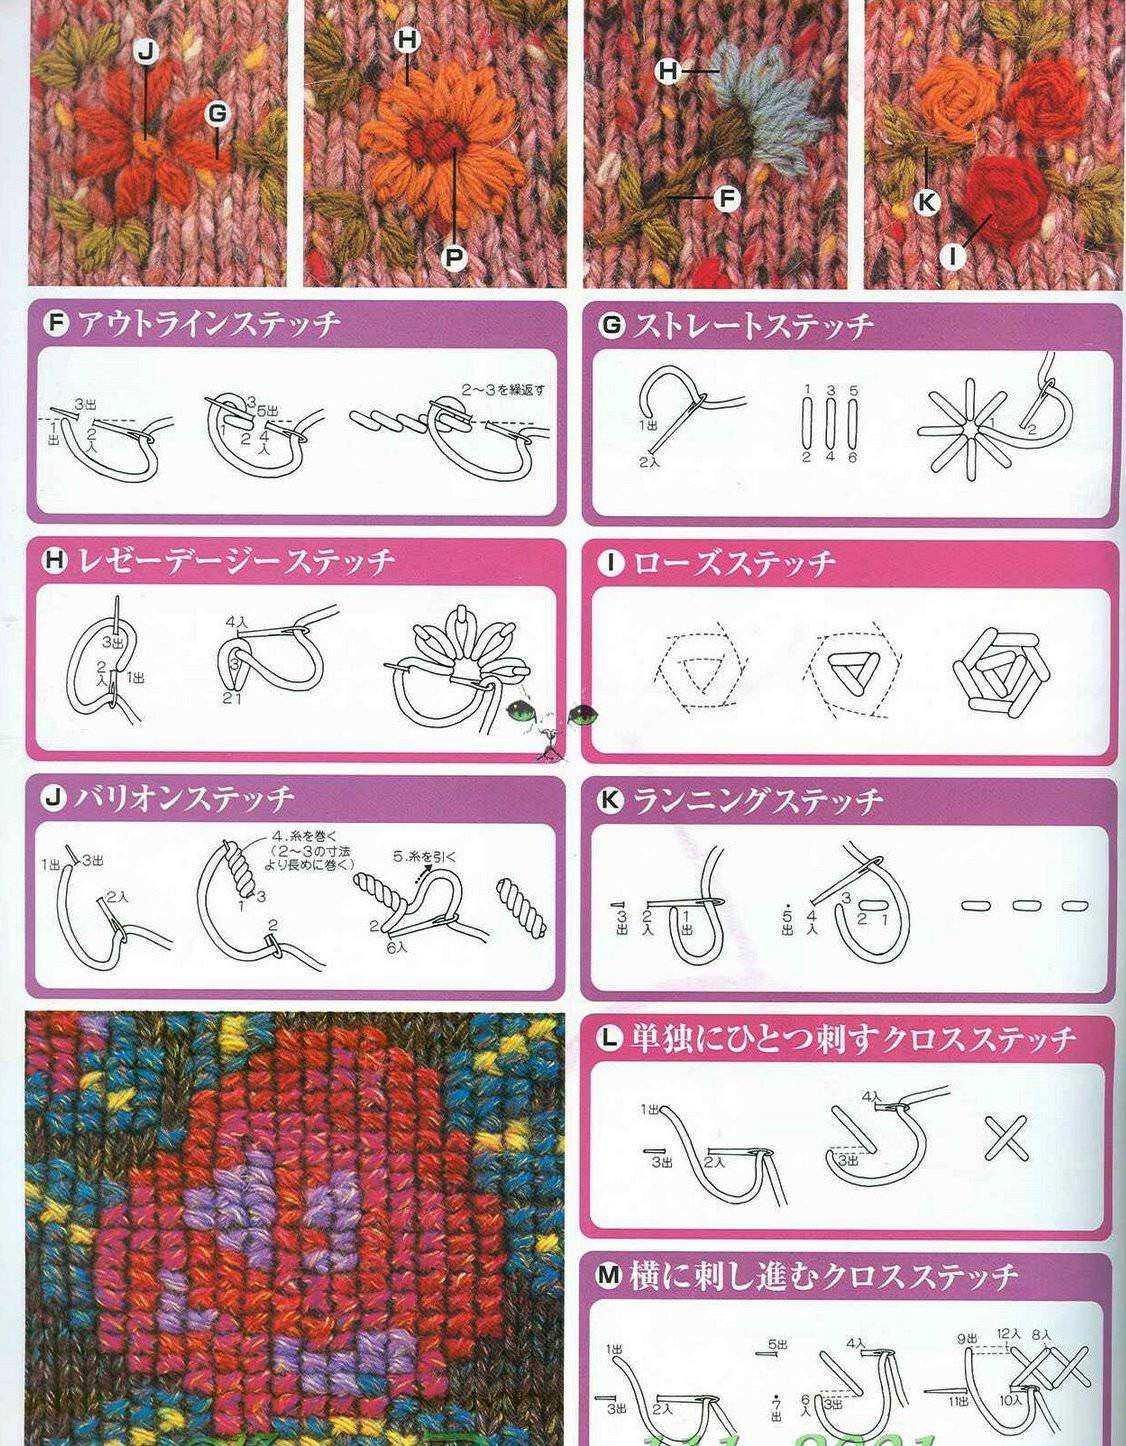 Вышивка на вязаных изделиях образец